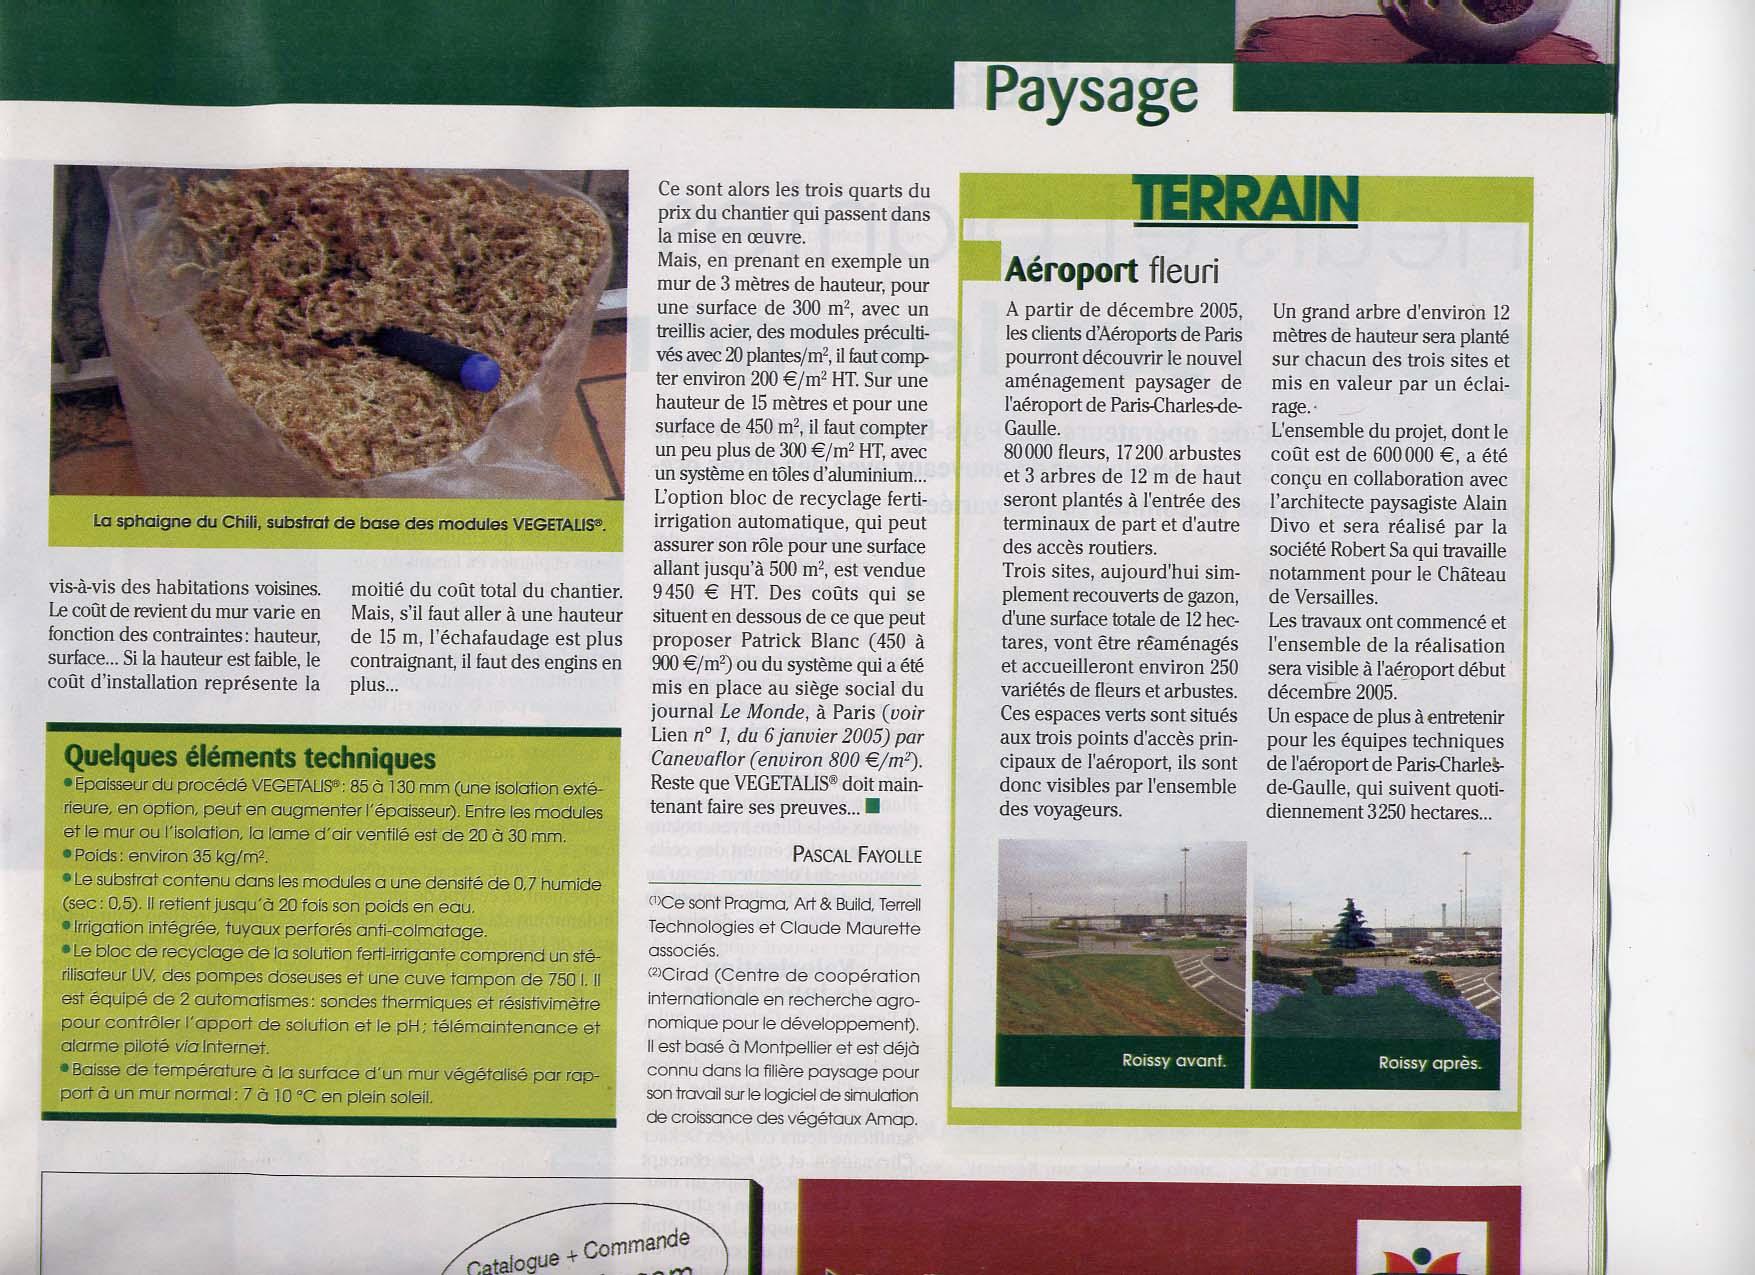 061201 - Le lien horticole_Page_2.jpg